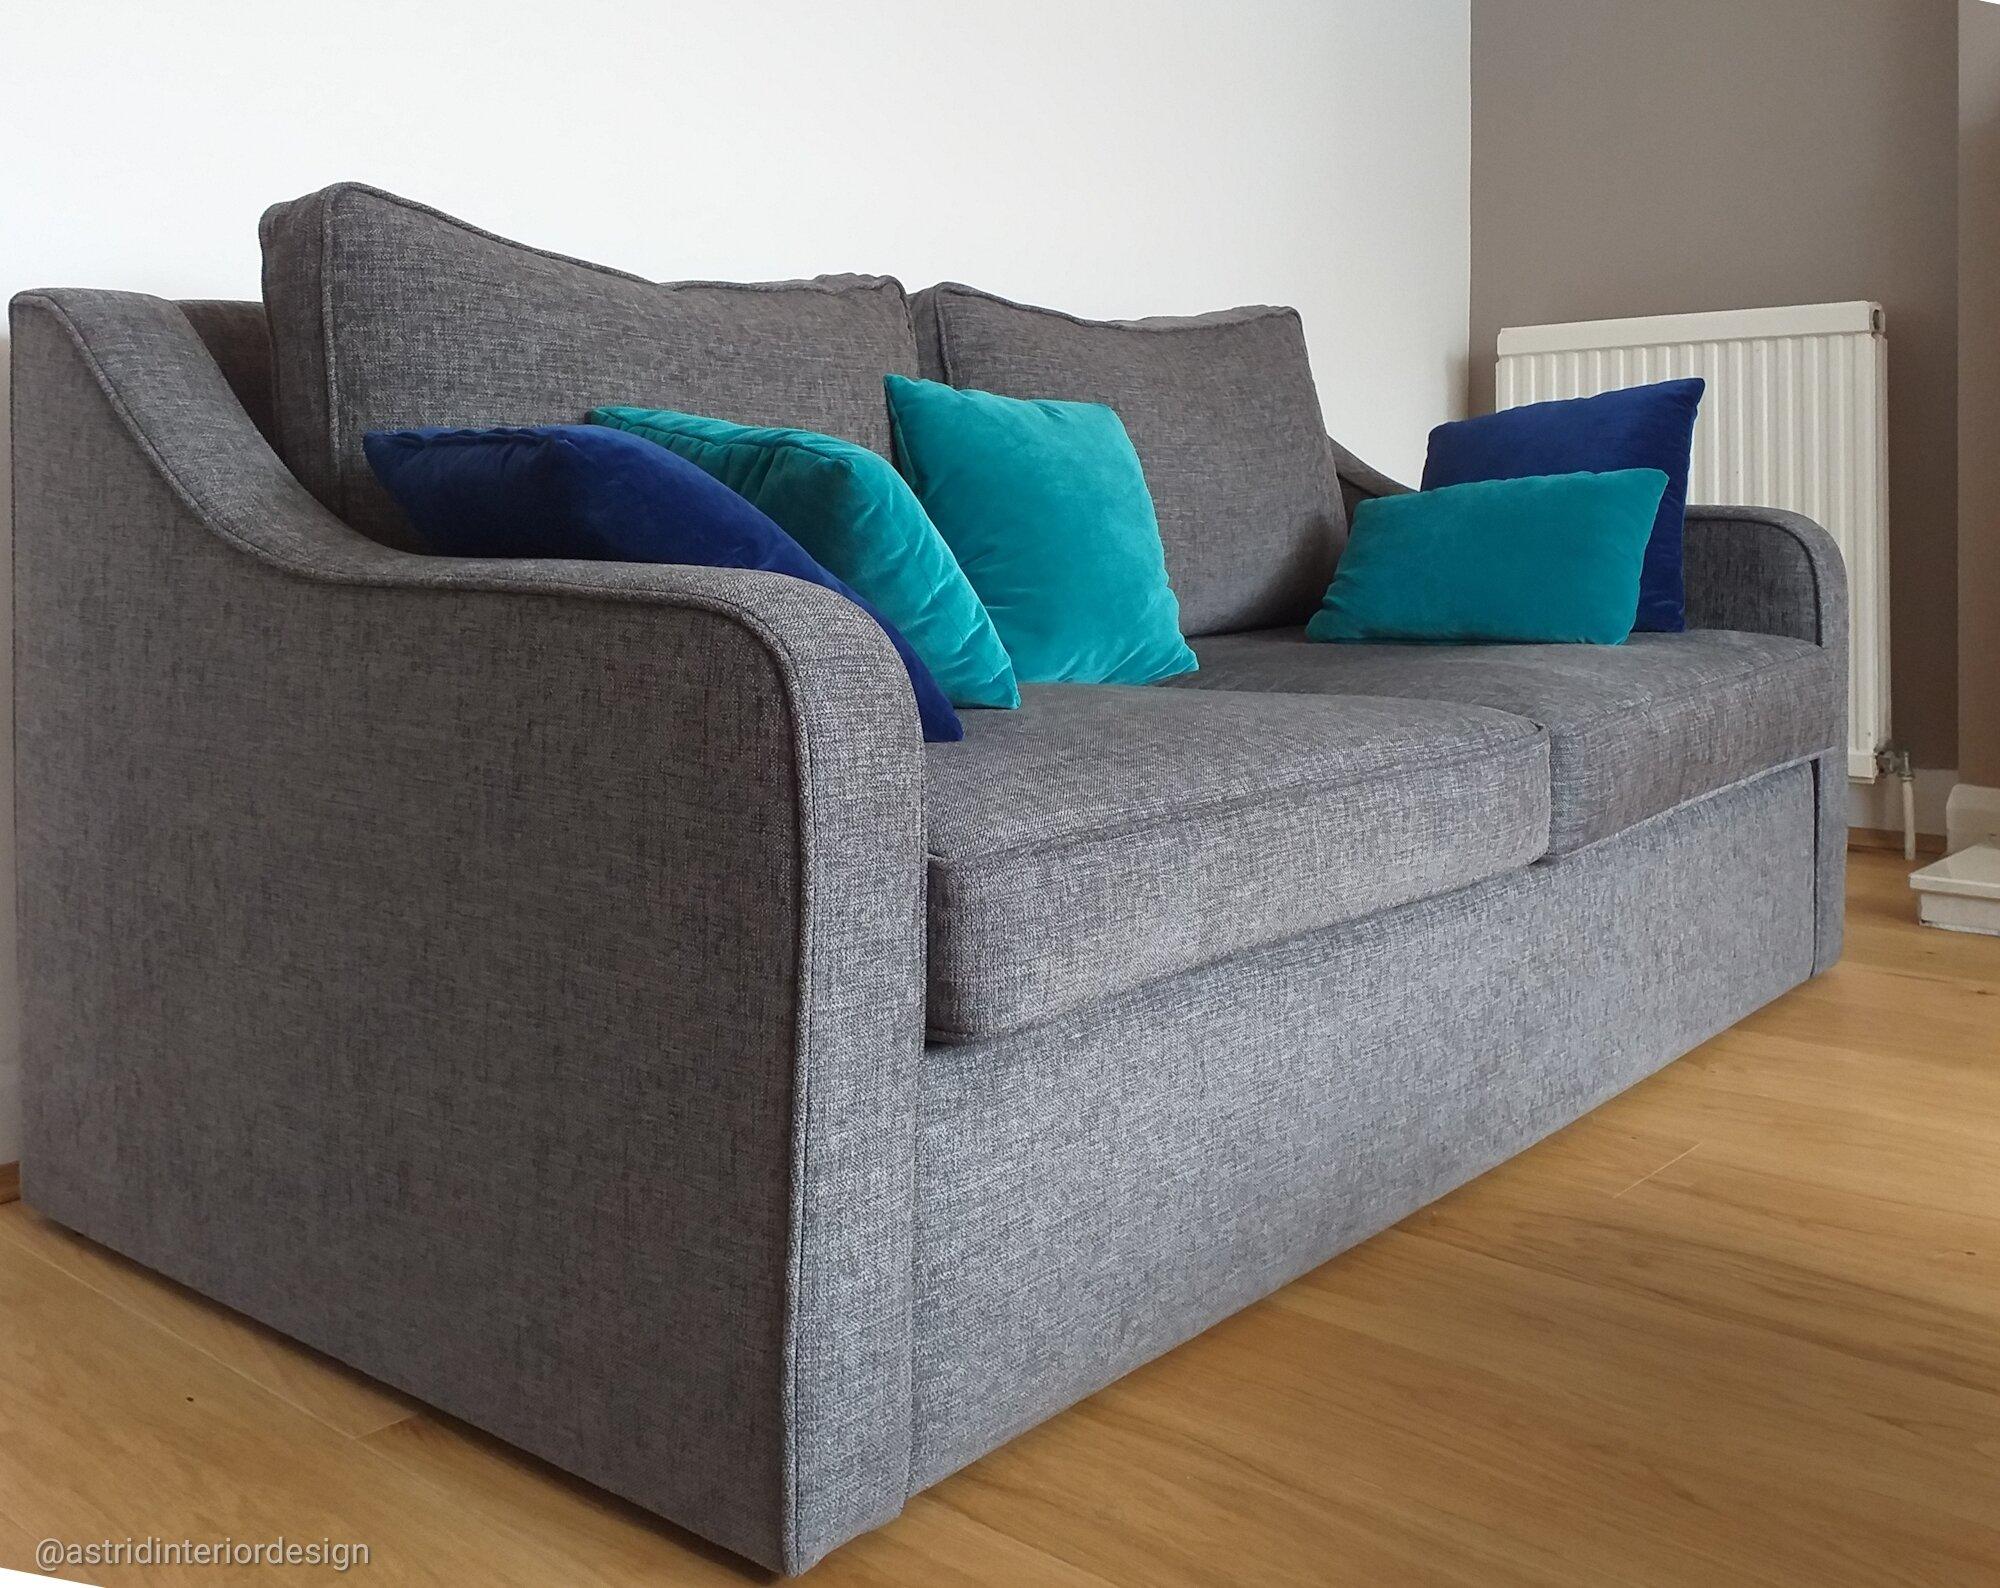 sofabed n14.jpg